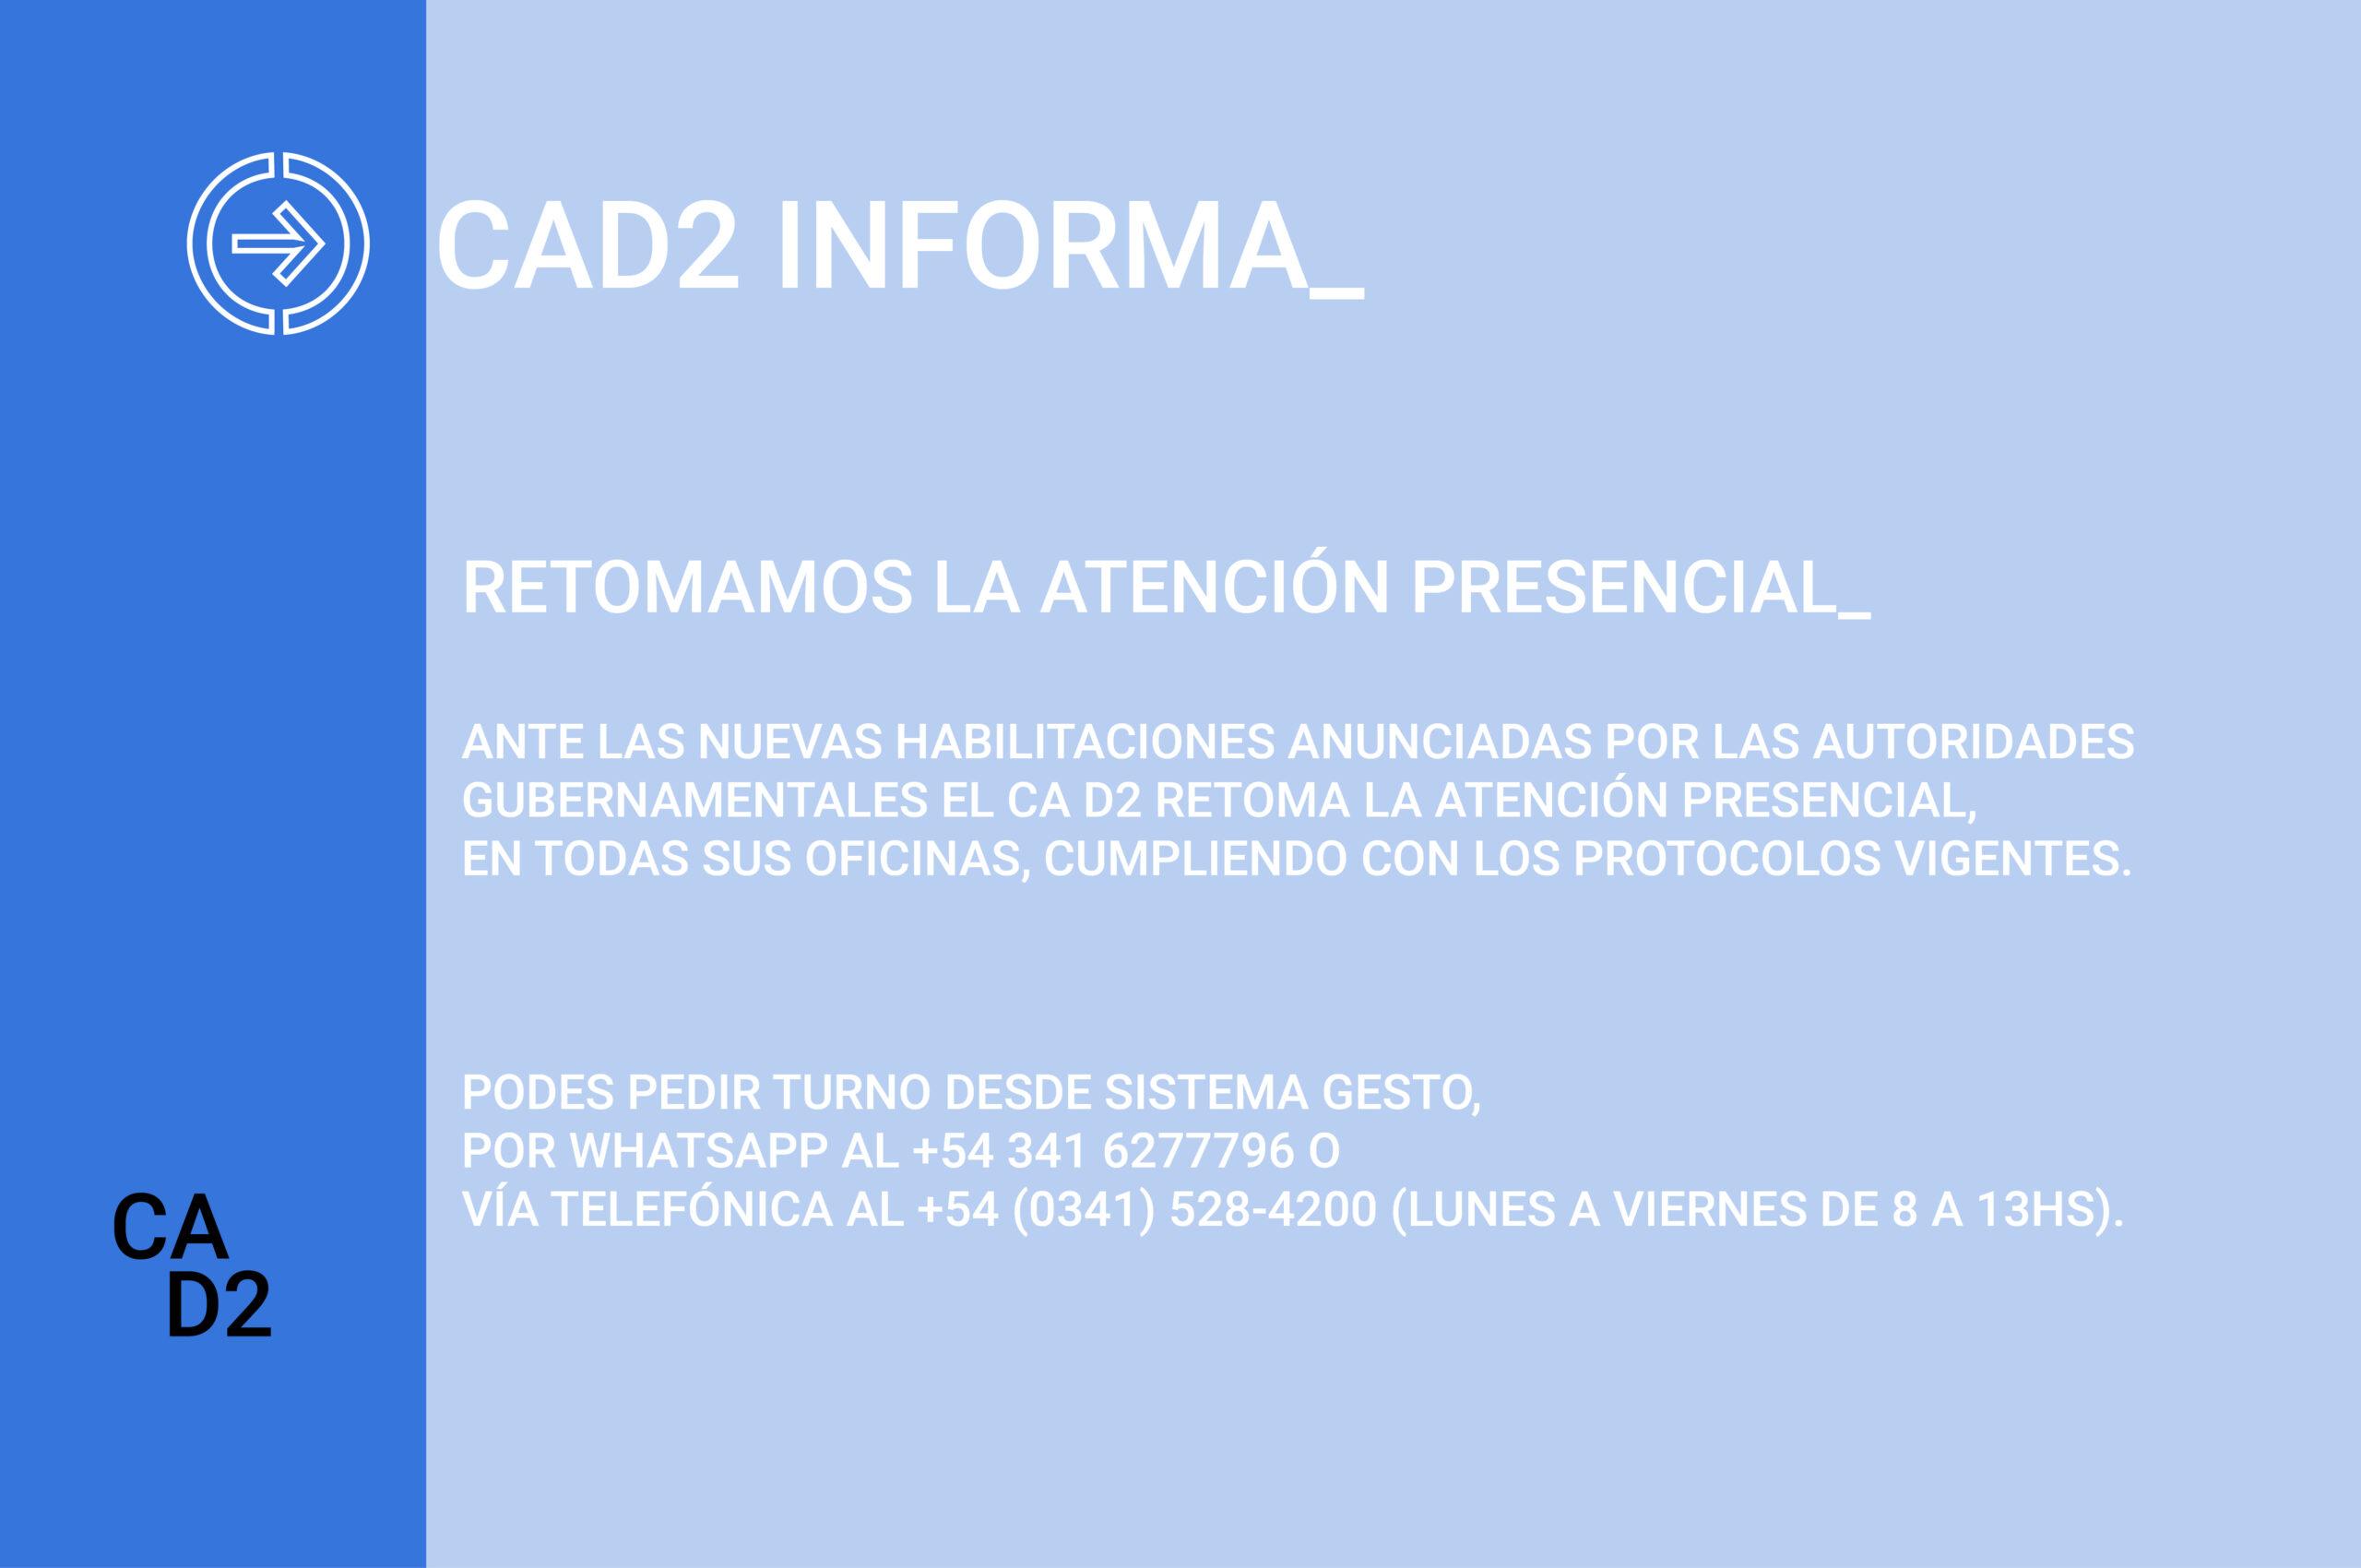 RETOMAMOS LA ATENCIÓN PRESENCIAL_